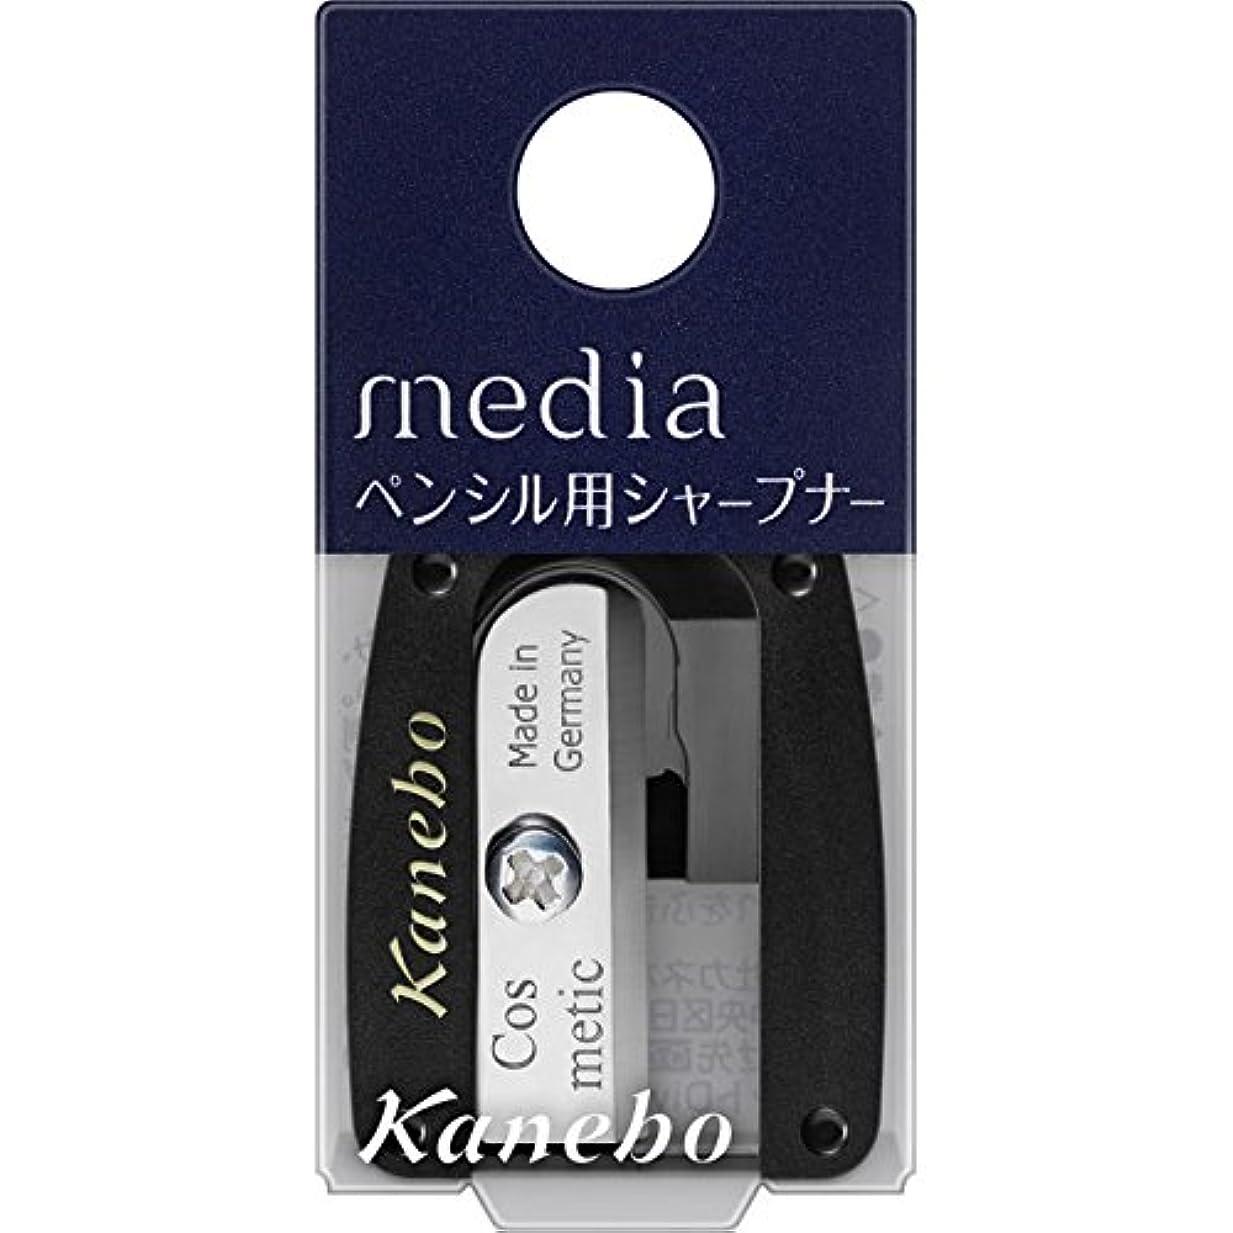 スタンド才能のあるキャラバン【カネボウ】 メディア ペンシル用シャープナー